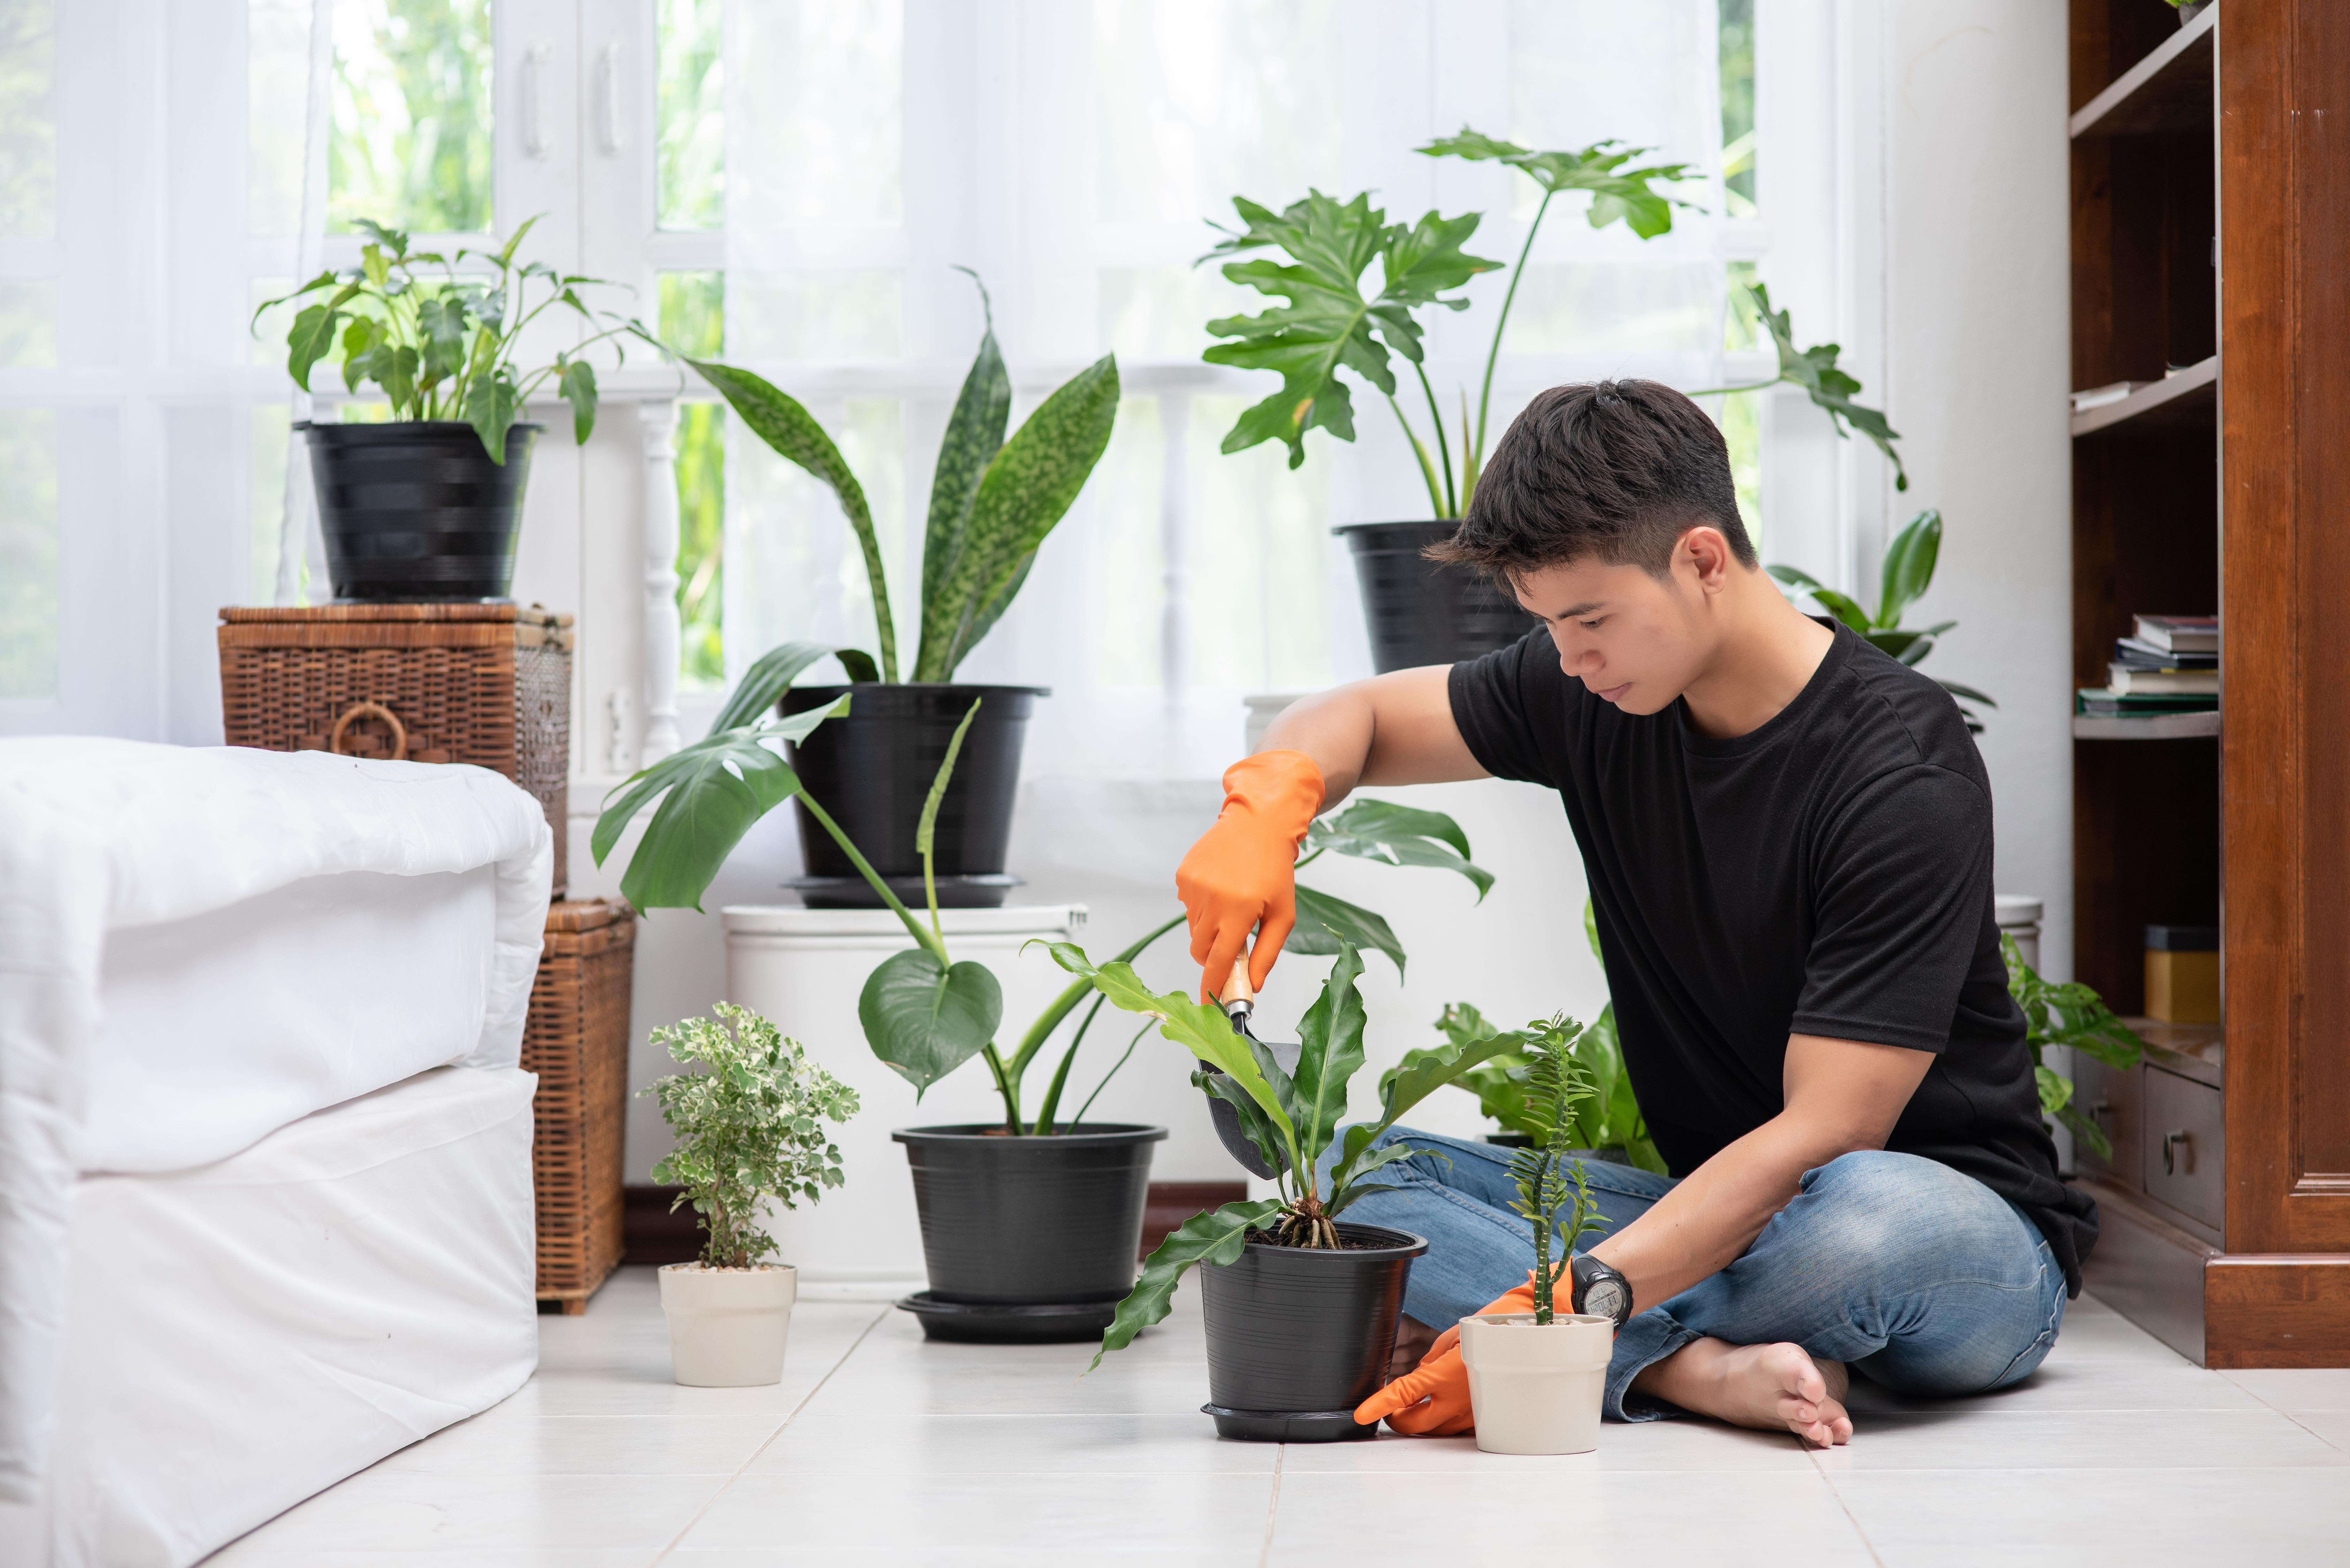 men-wearing-orange-gloves-planting-trees-indoors.jpg